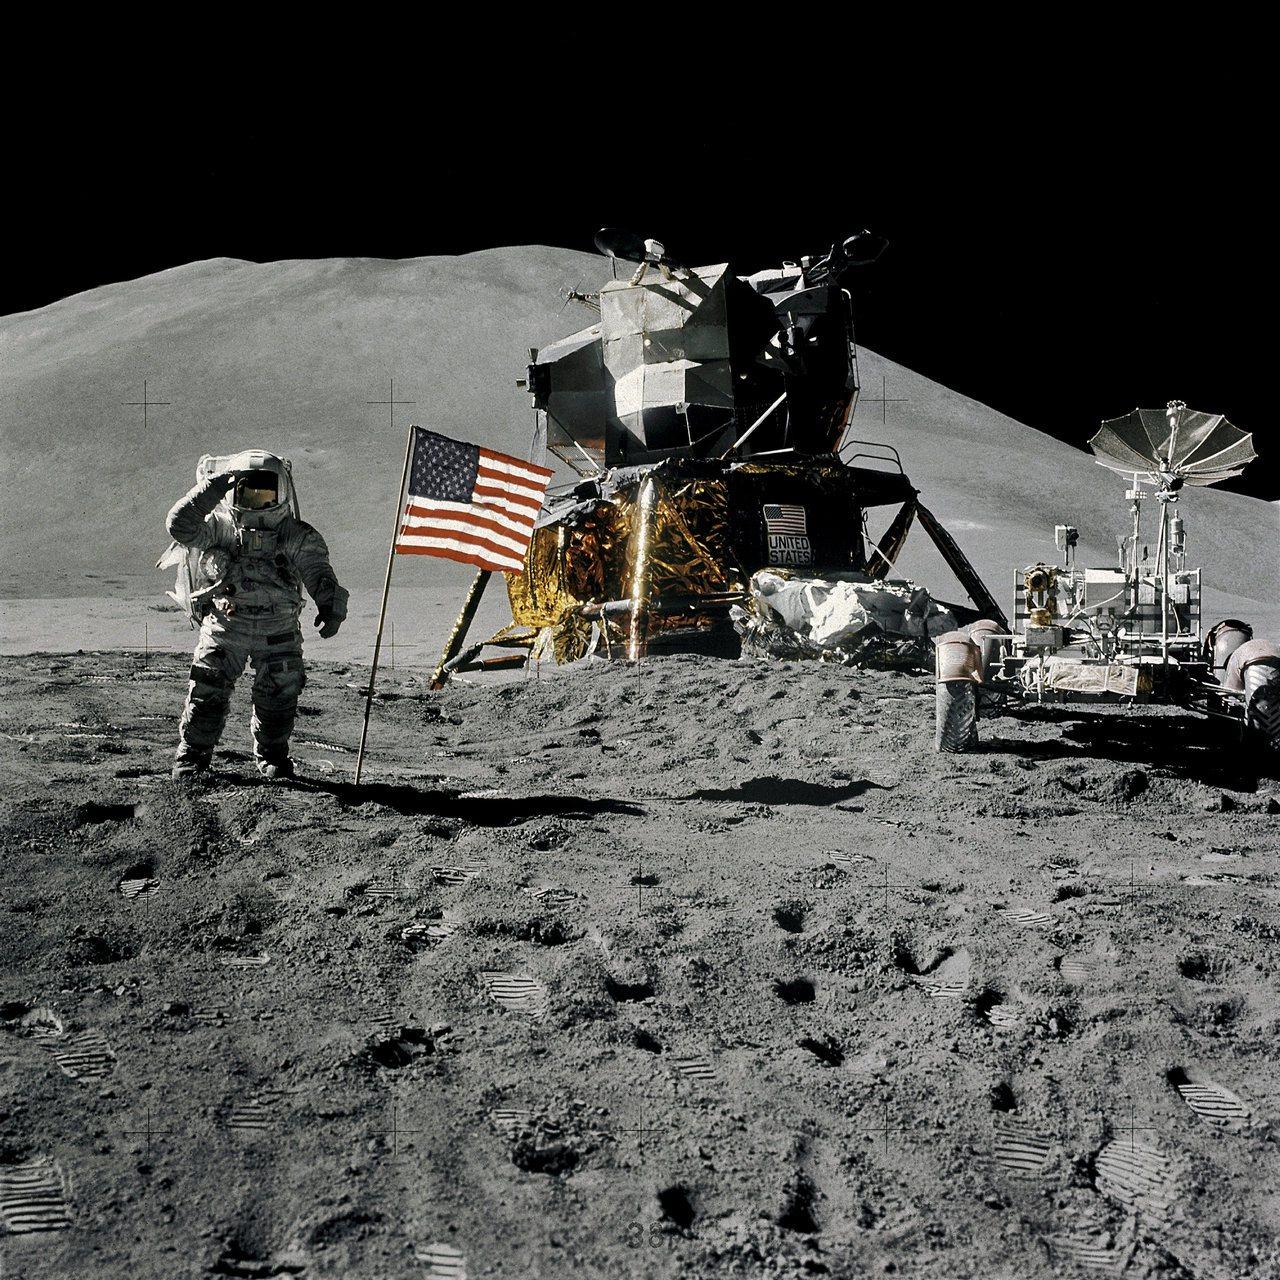 阿波羅11號登月已50周年。 路透社